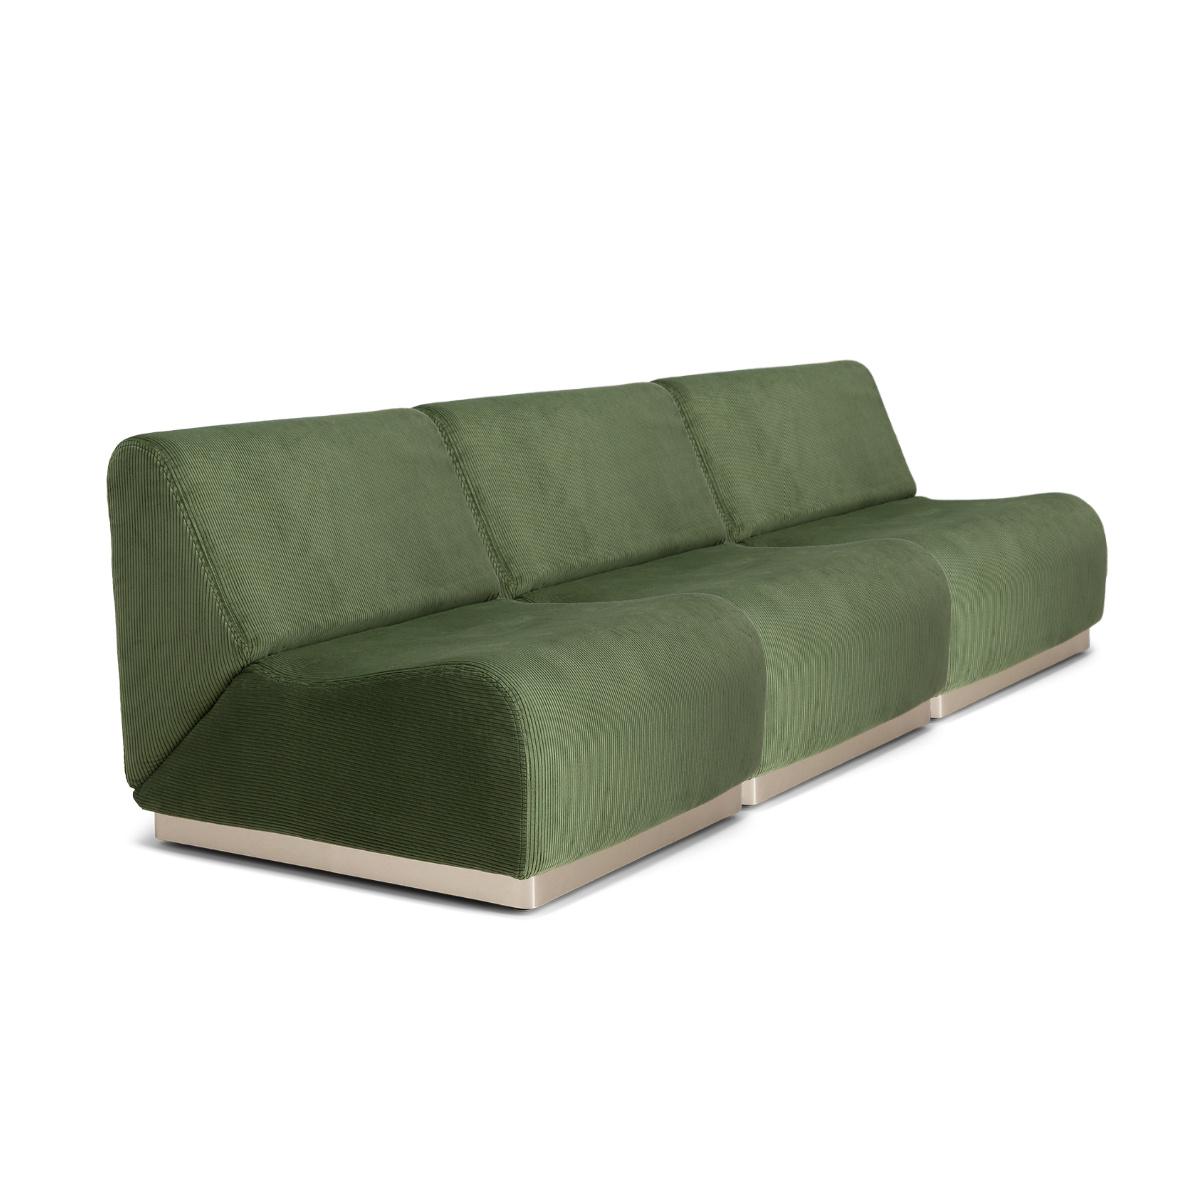 Canapé En Velours Cotelé canapé modulable rotondo velours côtelé vert amande